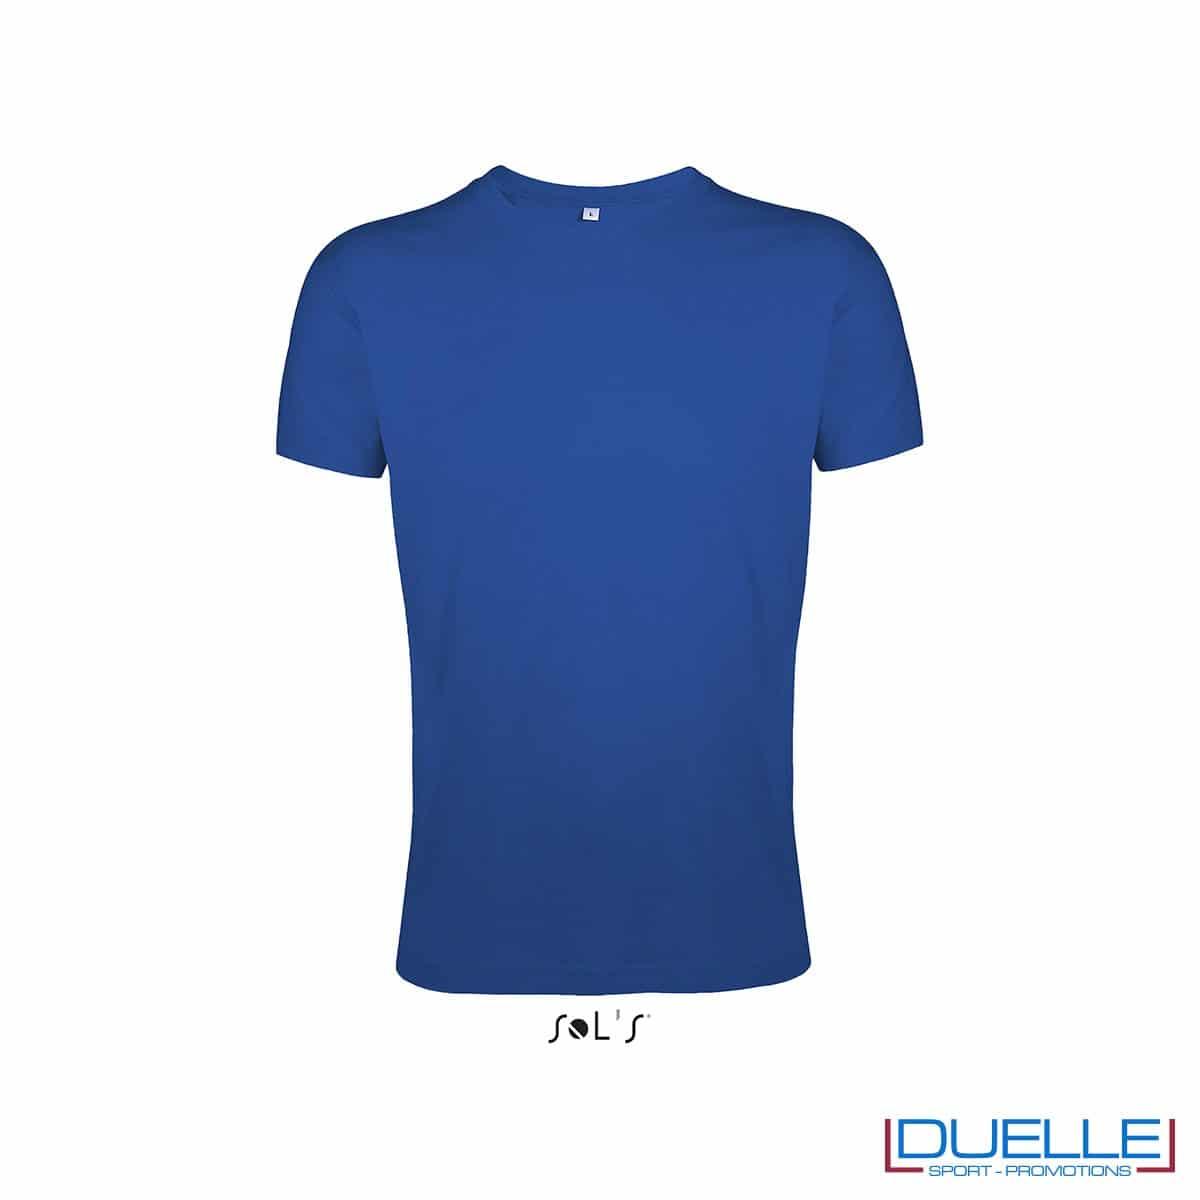 T-shirt girocollo personalizzata slim-fit colore blu royal